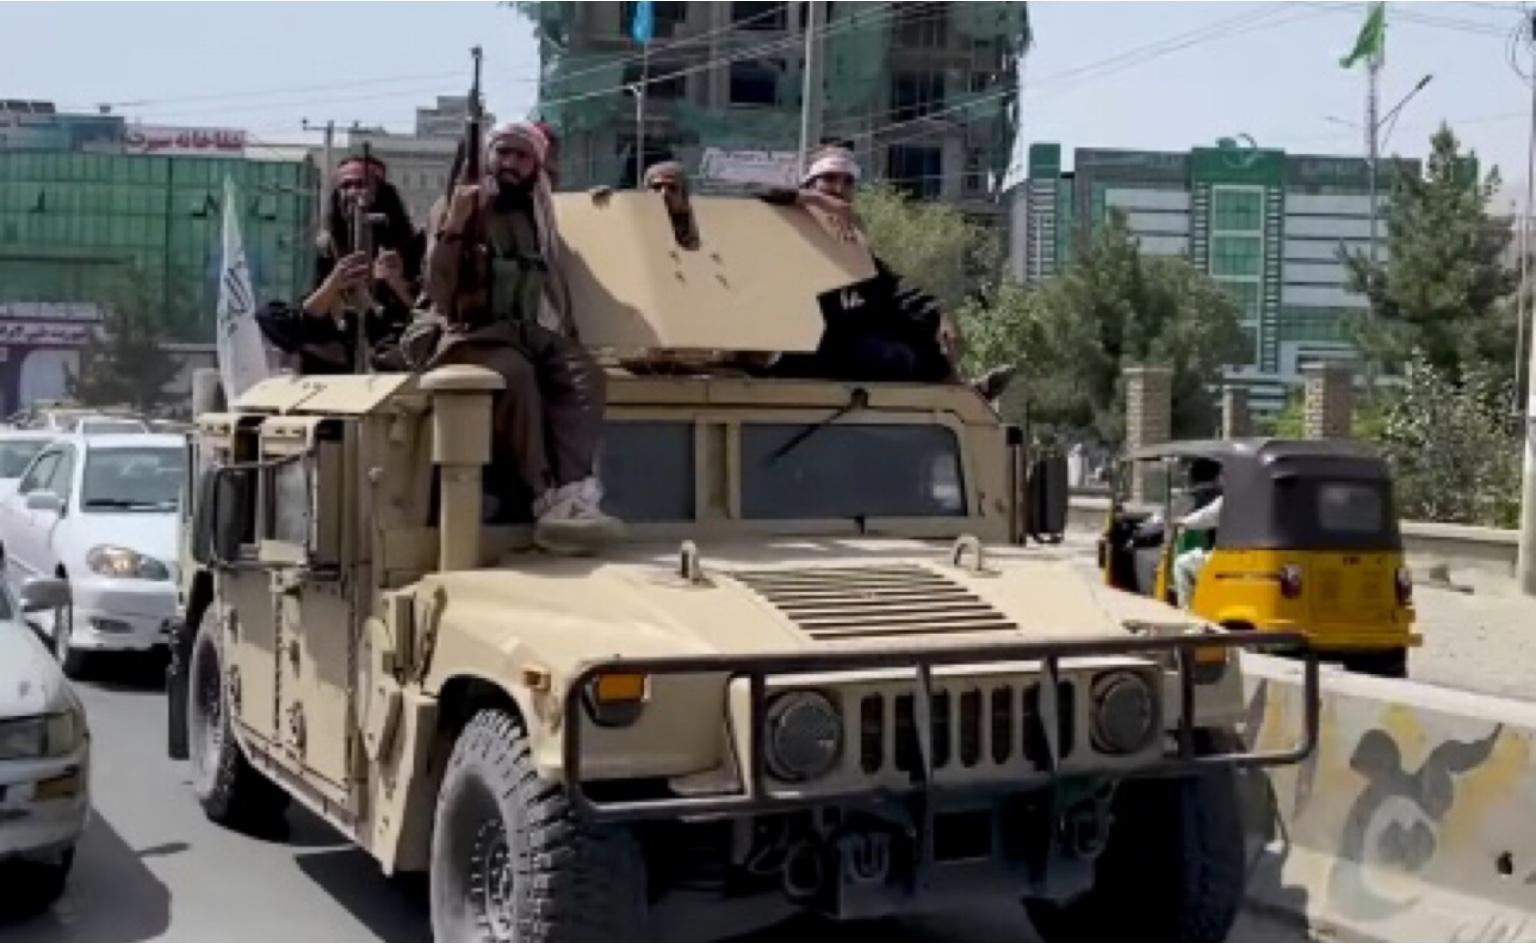 Quase 100 países fazem acordo com Talibã para saída segura do Afeganistão; Brasil não está na lista